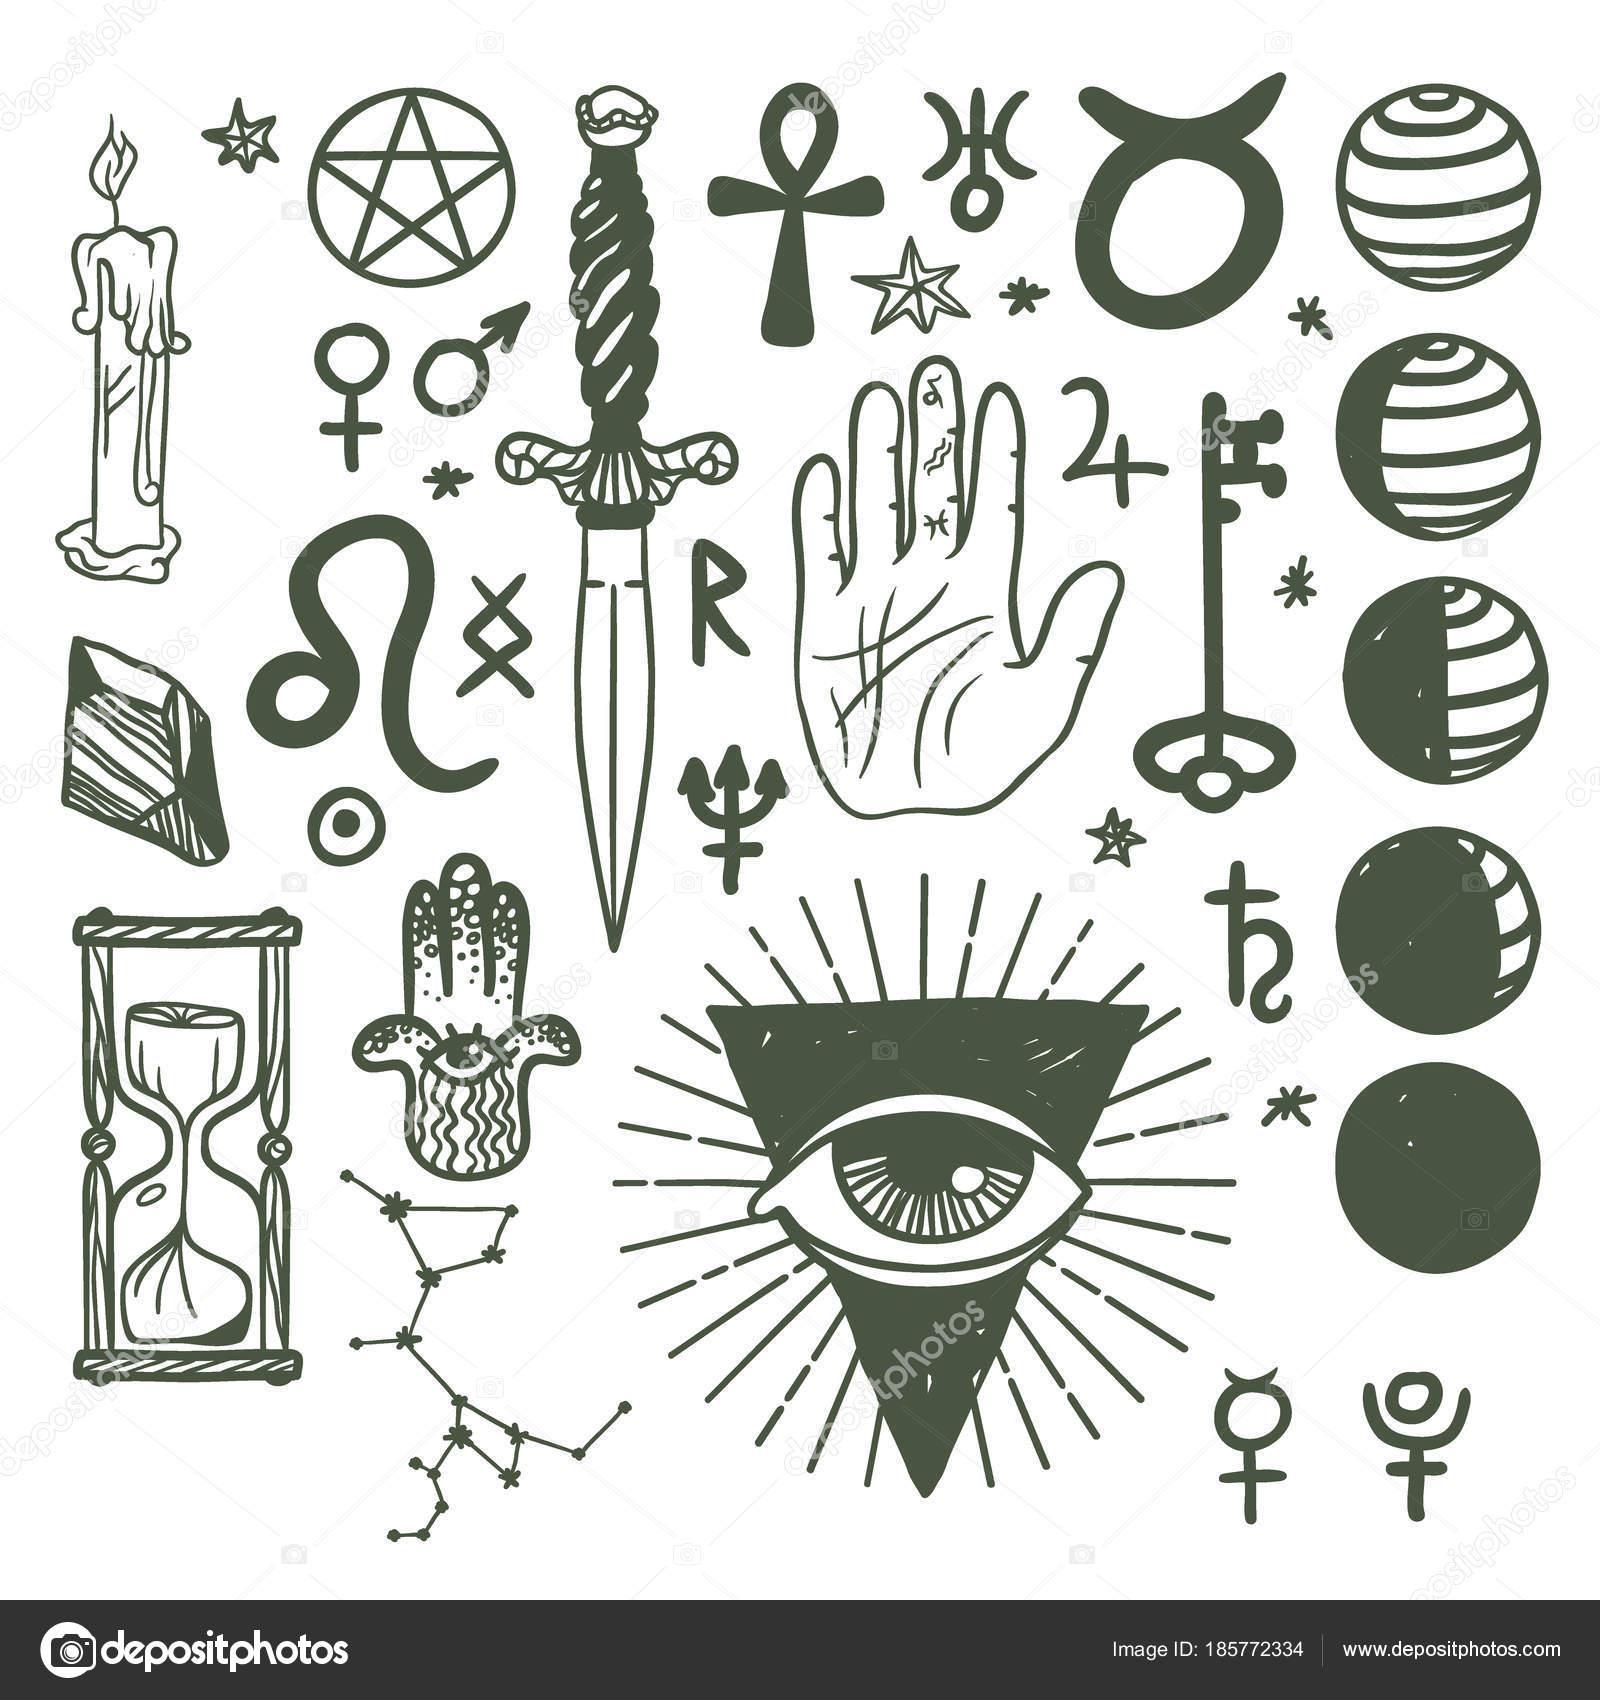 Trendy Vector Esoteric Symbols Sketch Hand Drawn Religion Philosophy